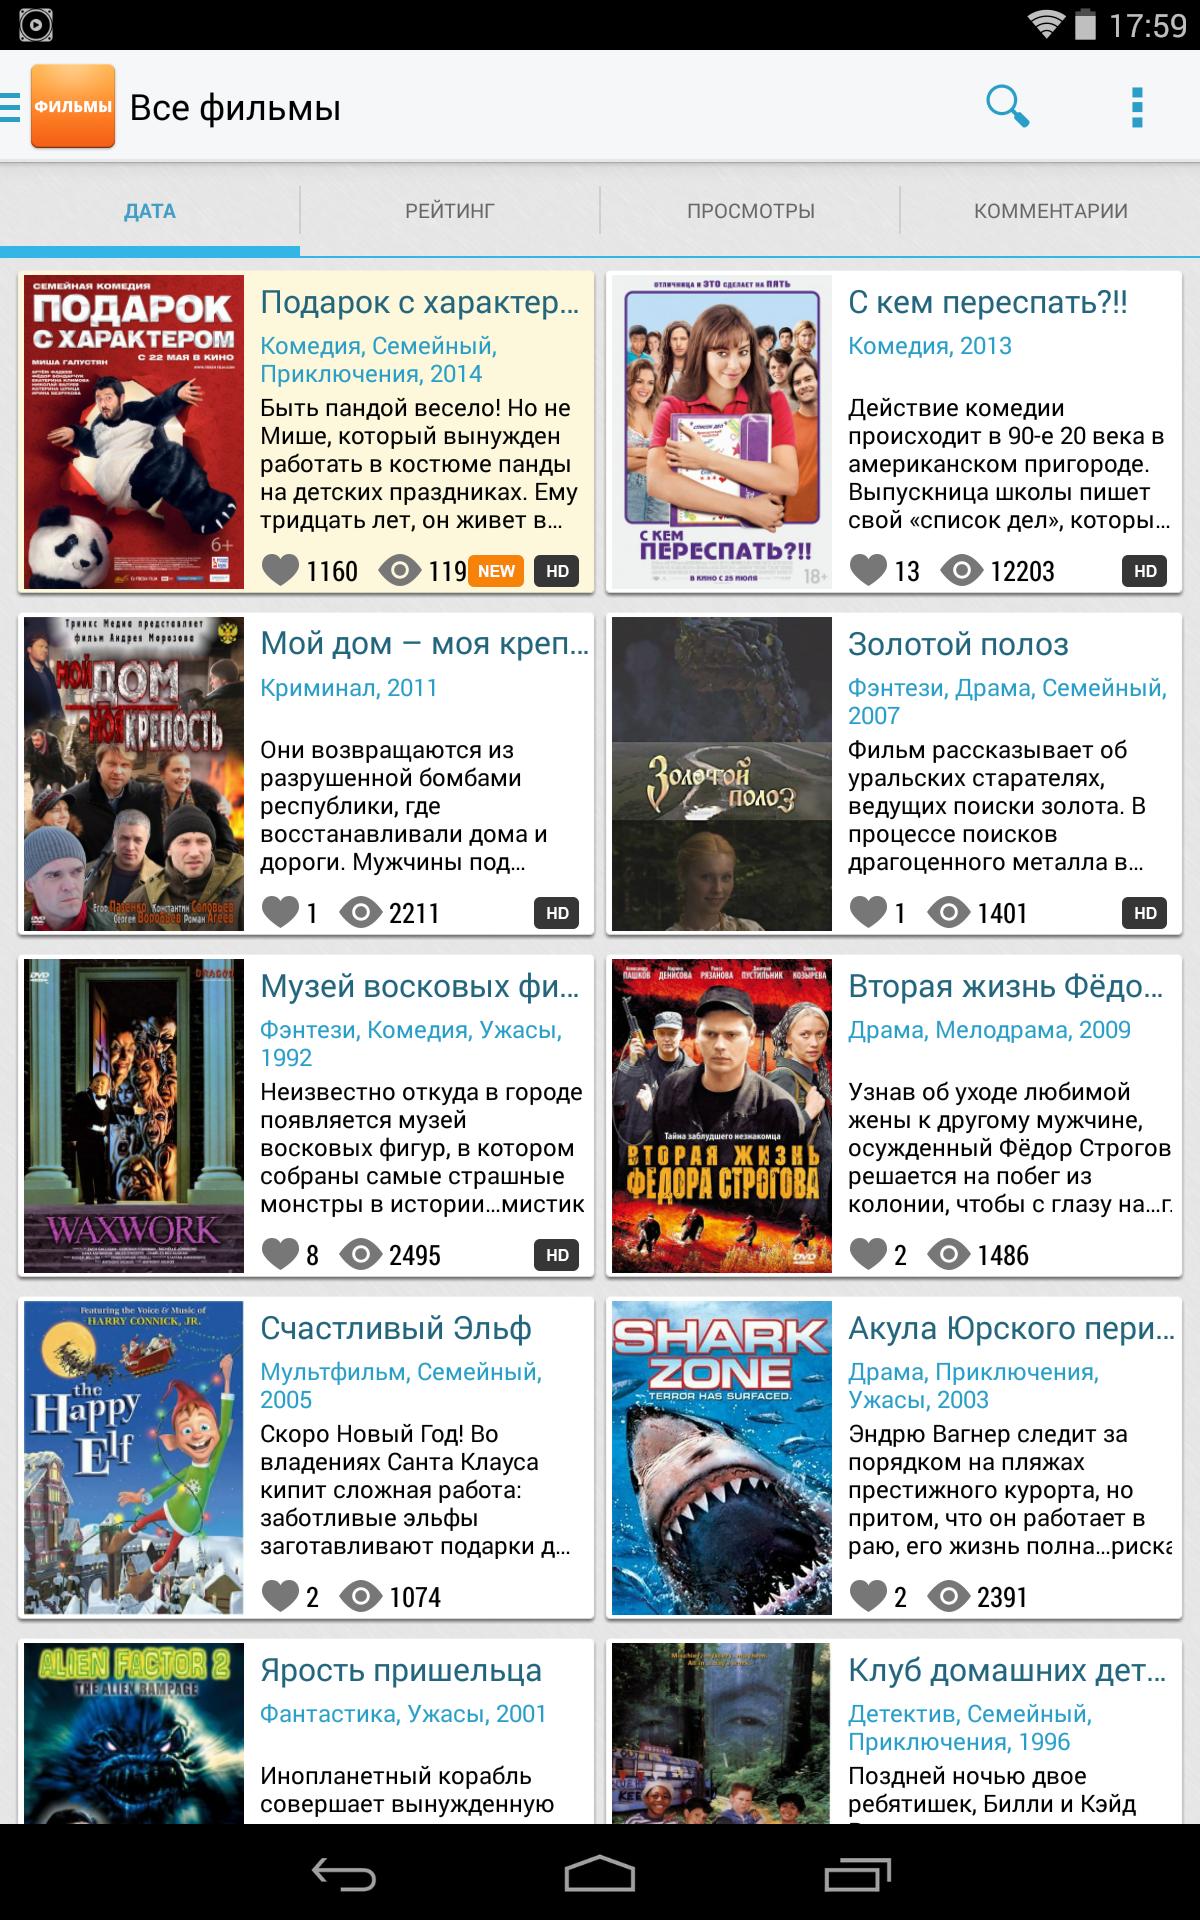 скачать программу для скачивания фильмов на андроид 2.3.6